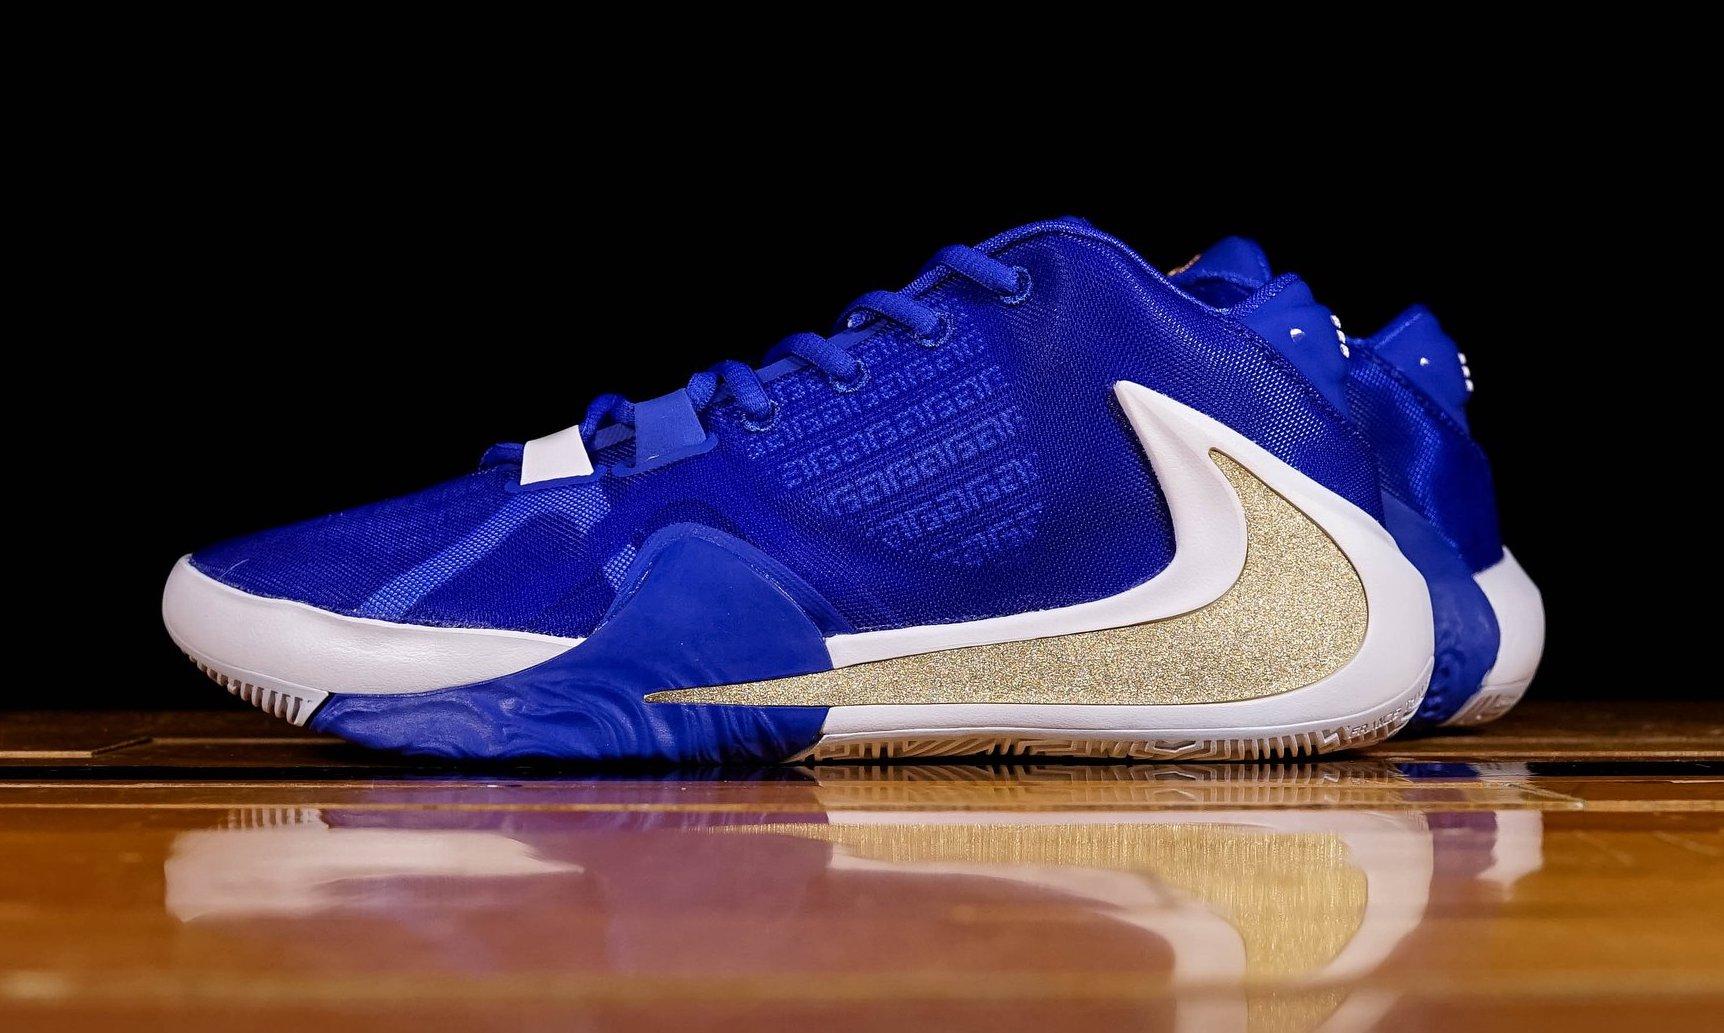 Nike Zoom Freak 1 Greece Releasing Next